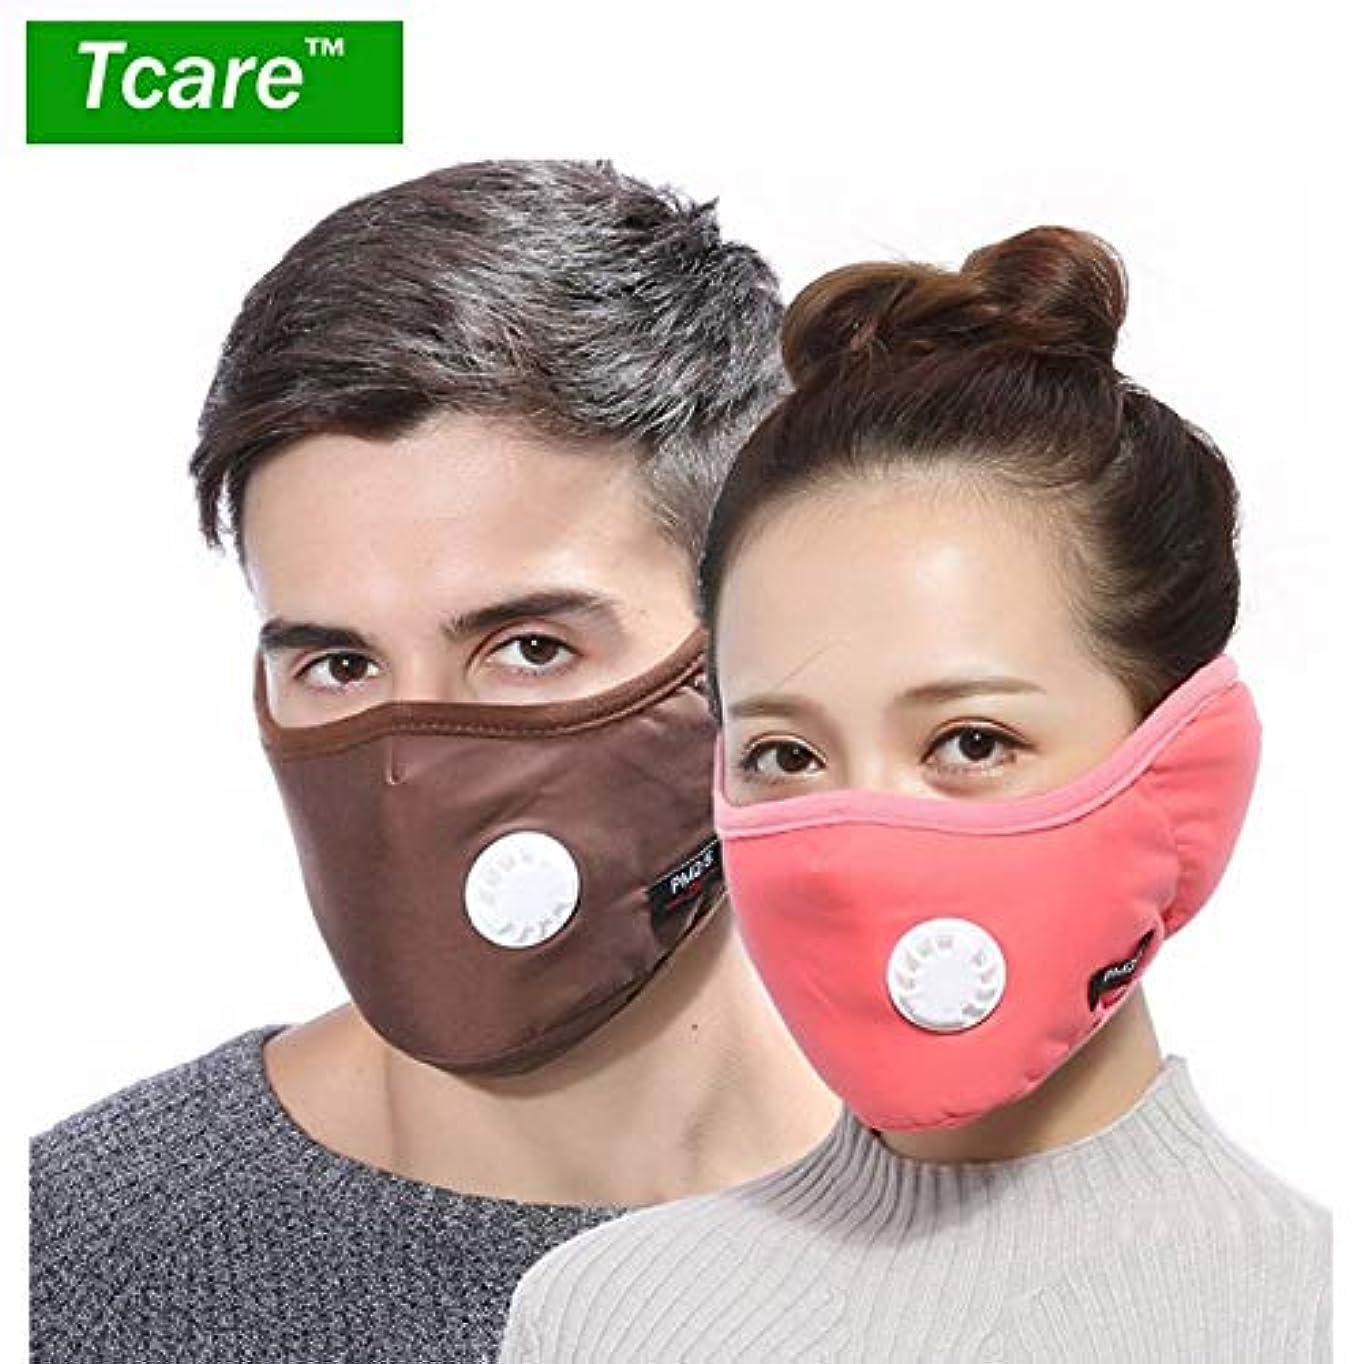 効率的に重なるラダ5ブラウン:1枚のPM2.5マスクバルブコットンアンチダスト口マスク冬のイヤーマフActtedフィルター付マスクでTcare 2